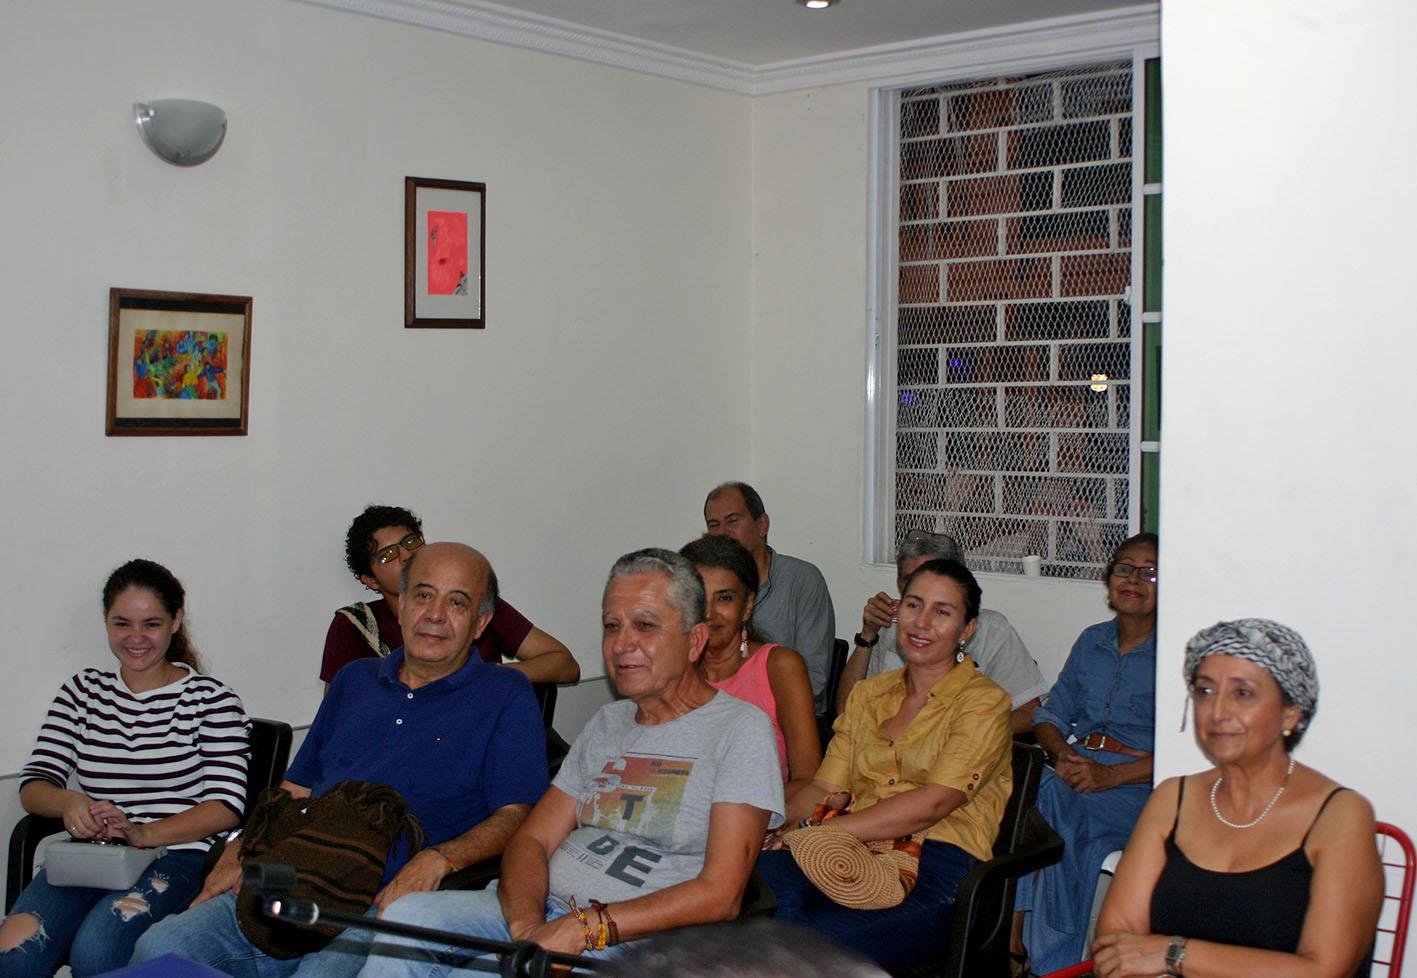 Asistentes al encuentro de poesía en Santa Marta